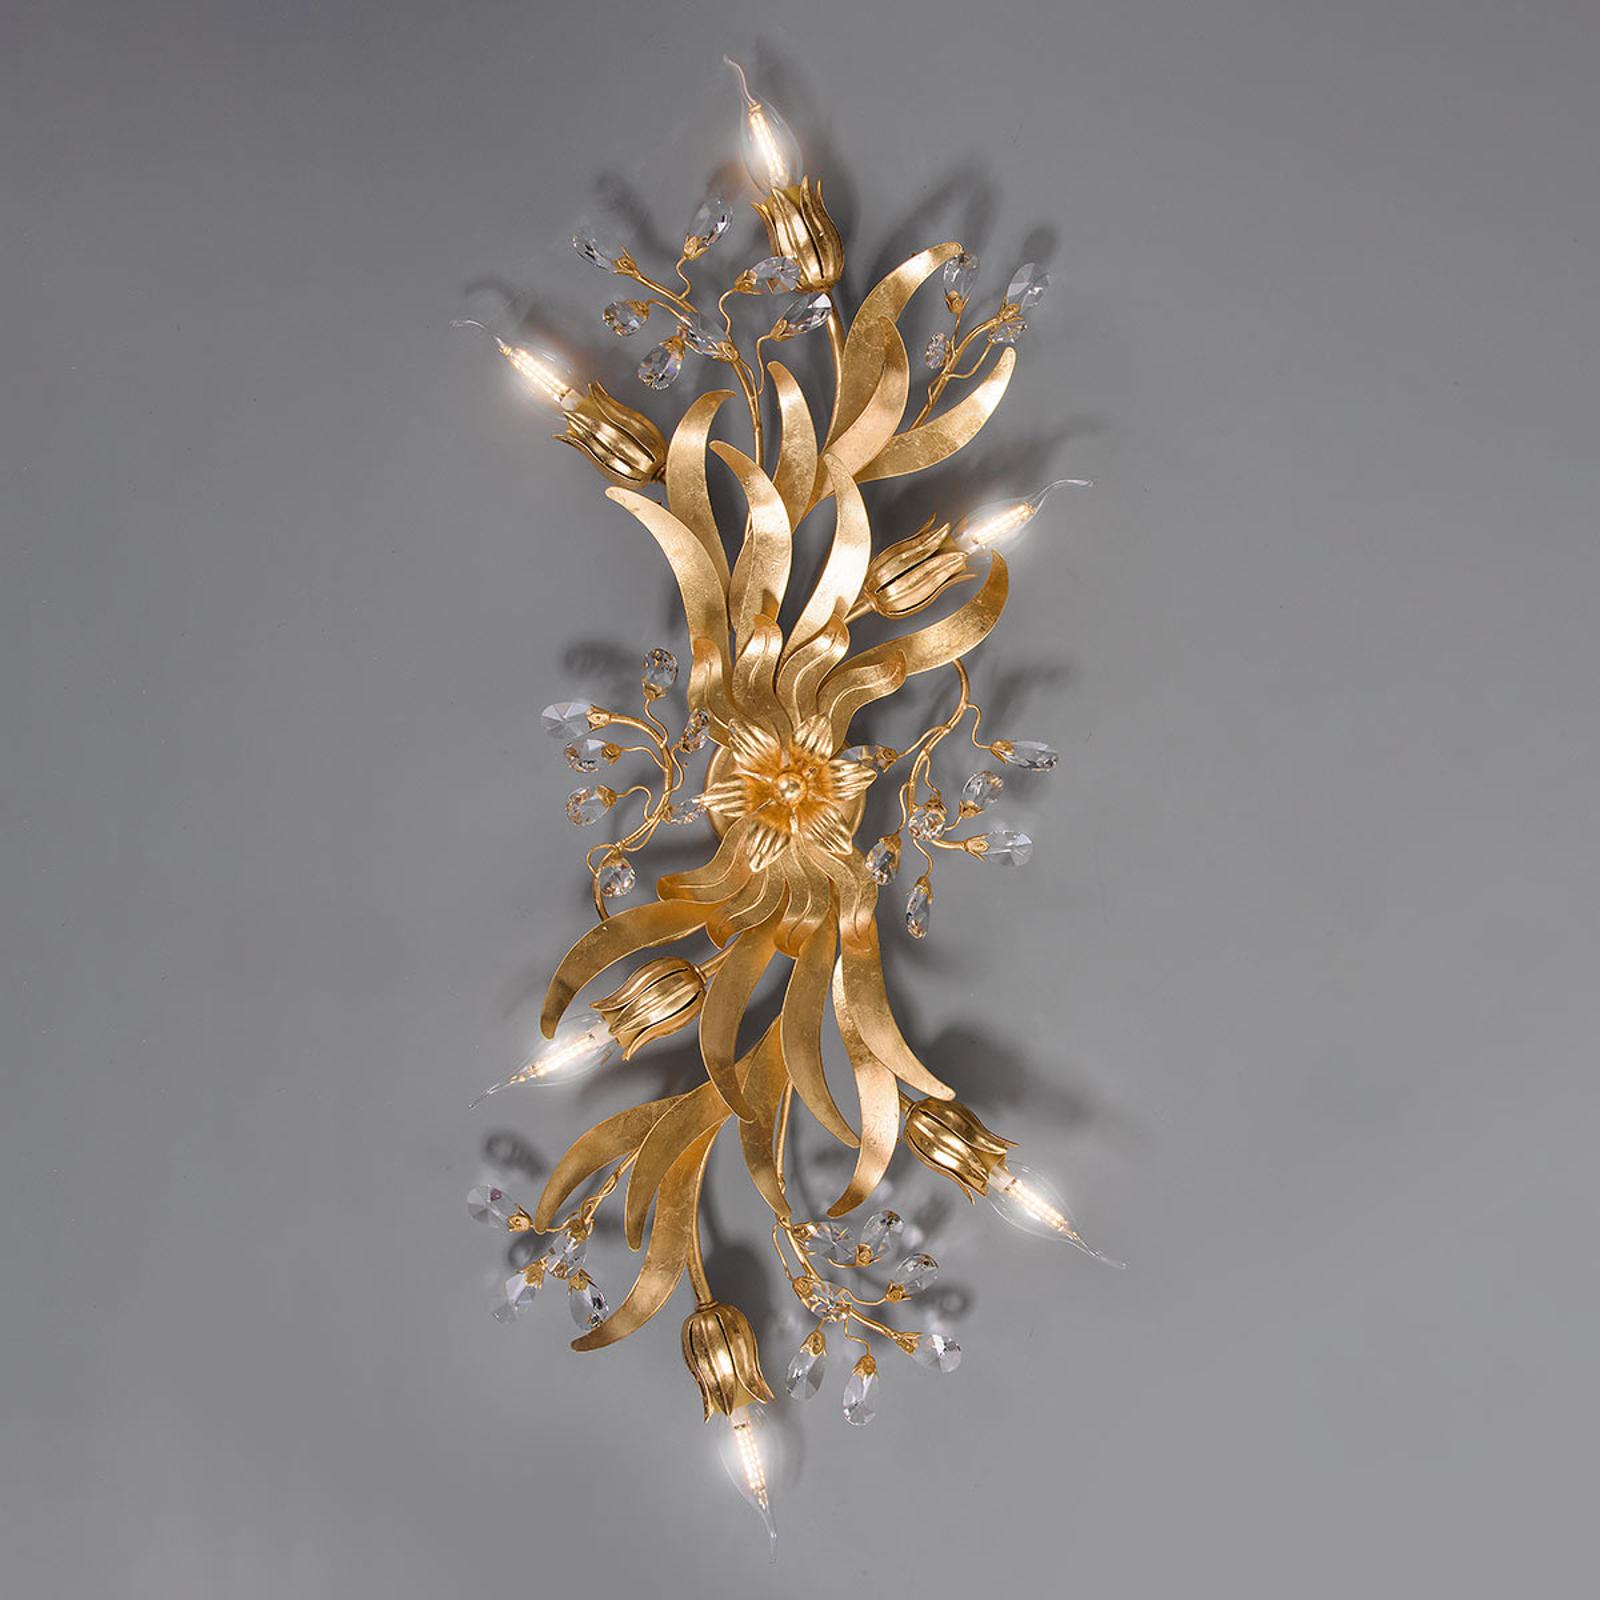 Lampa sufitowa 77/6 PL, 6-pkt. z płatkowym złotem